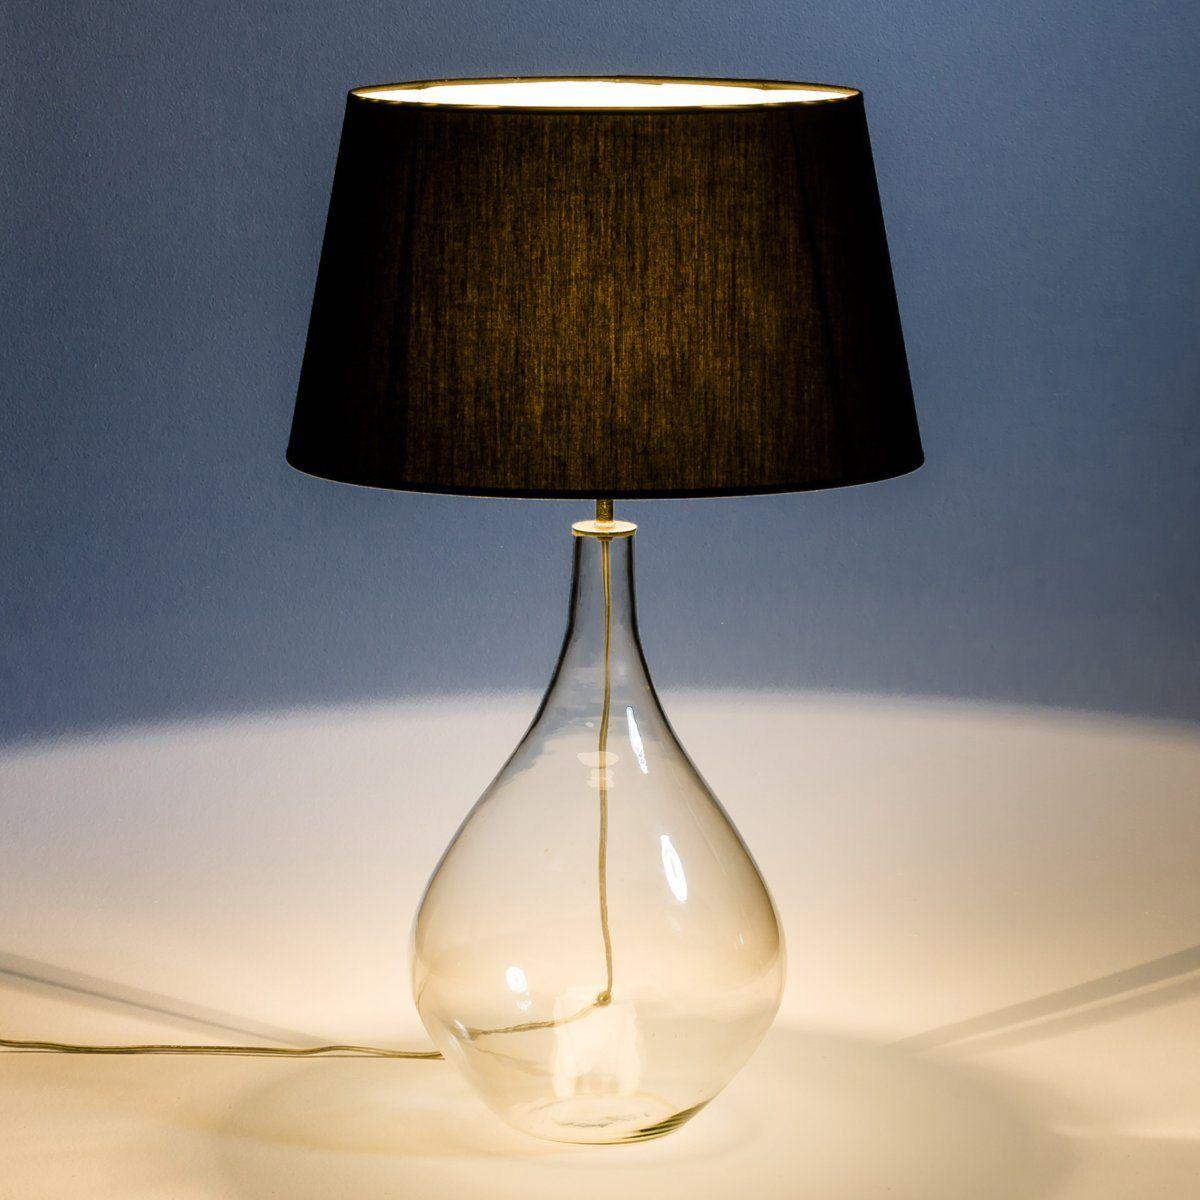 Pied De Lampe Am Pm pied de lampe tourie en verre, am.pm   lamp, meuble, luminaire